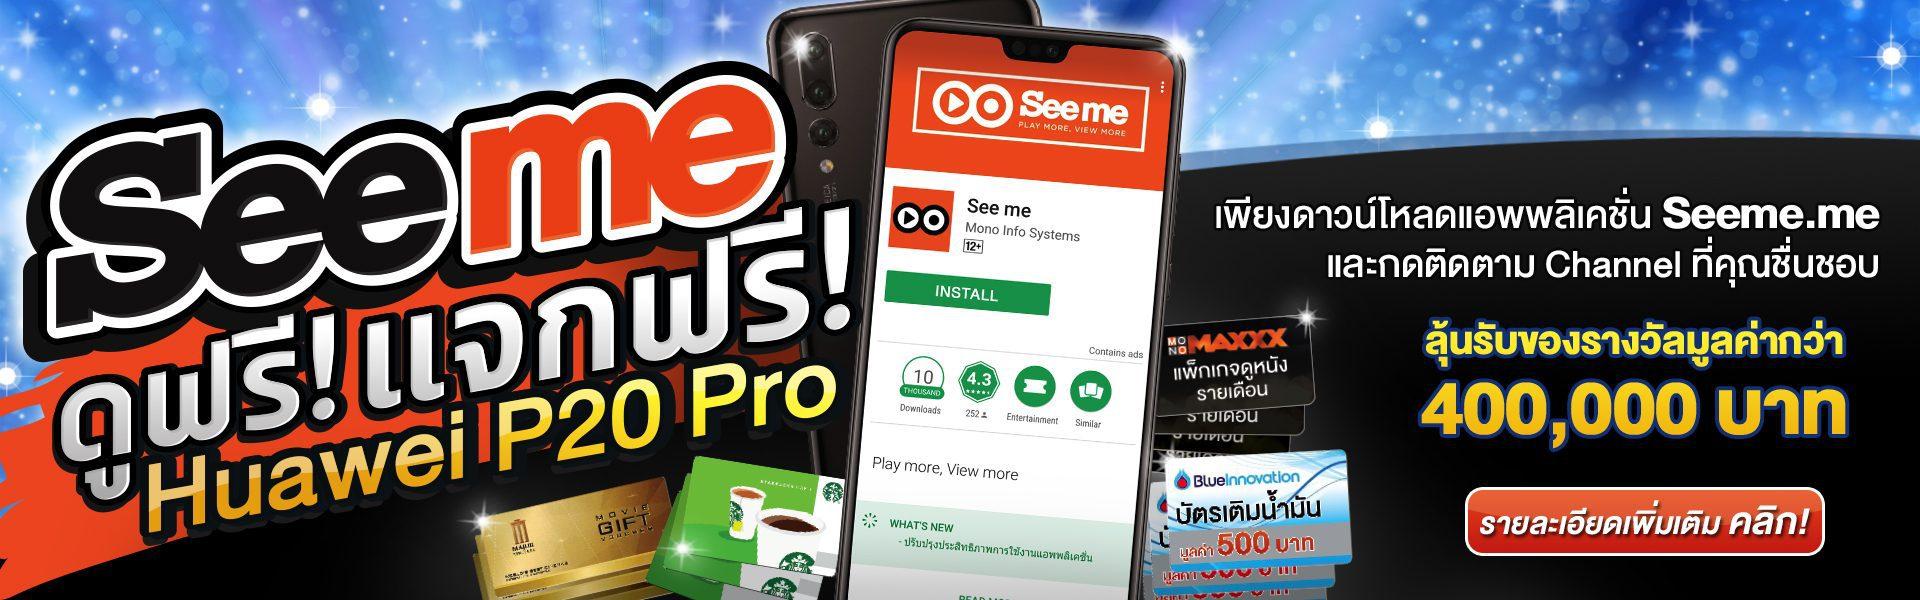 แคมเปญ Seeme ดูฟรี แจกฟรี Huawei P20 Pro